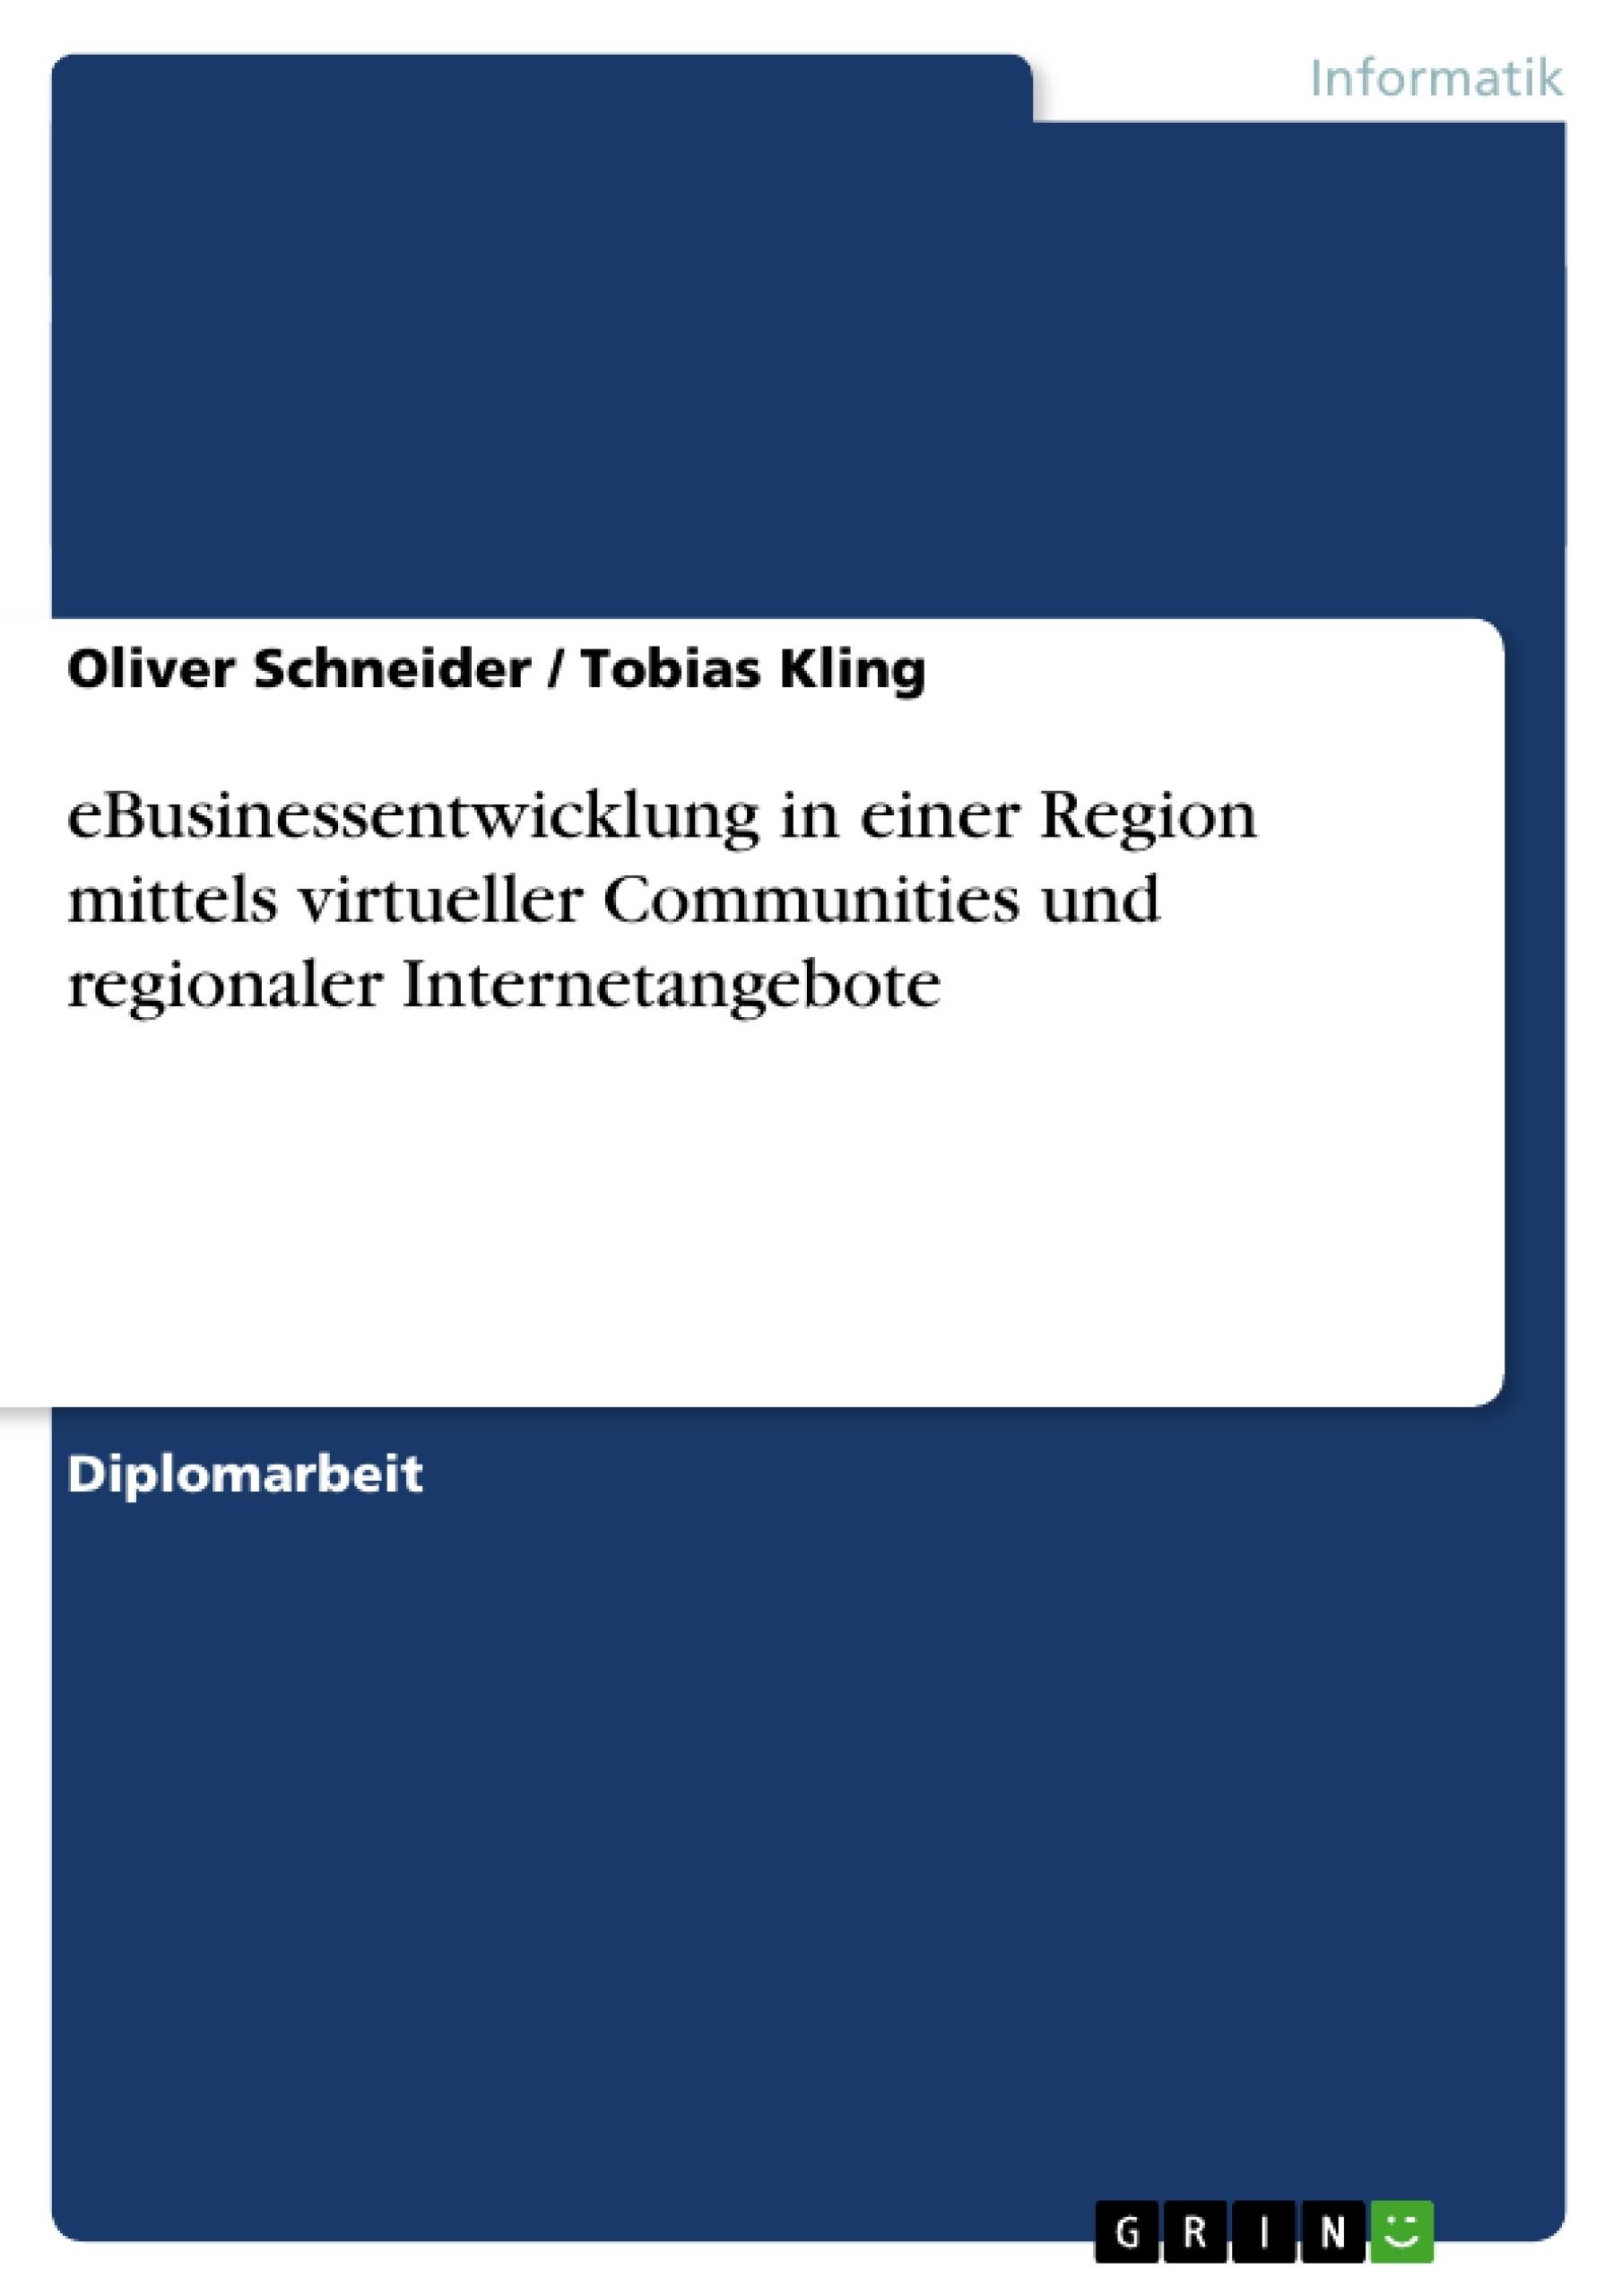 Titel: eBusinessentwicklung in einer Region mittels virtueller Communities und regionaler Internetangebote